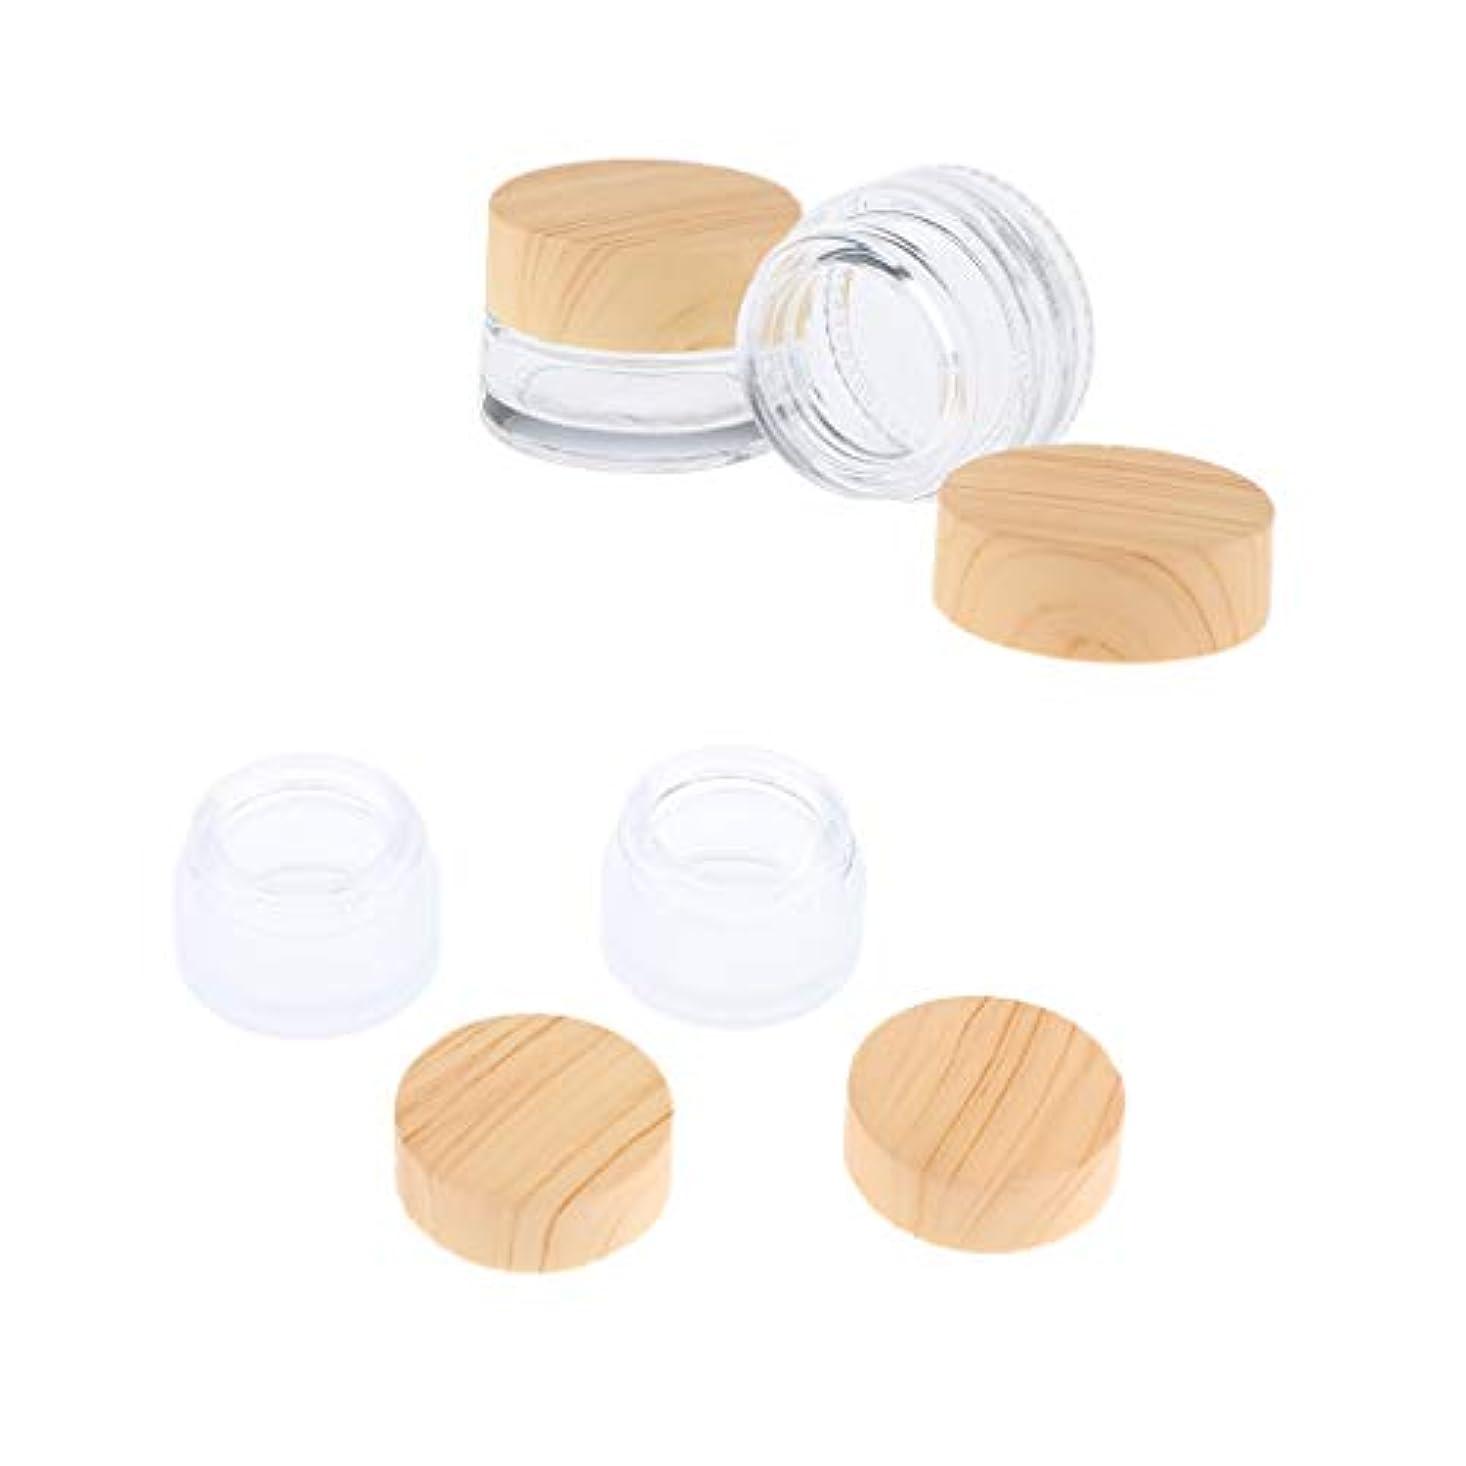 コピーベッド木製4本ミニサンプルボトル化粧品メイクアップジャーポットクリームリップクリームコンテナ5グラム